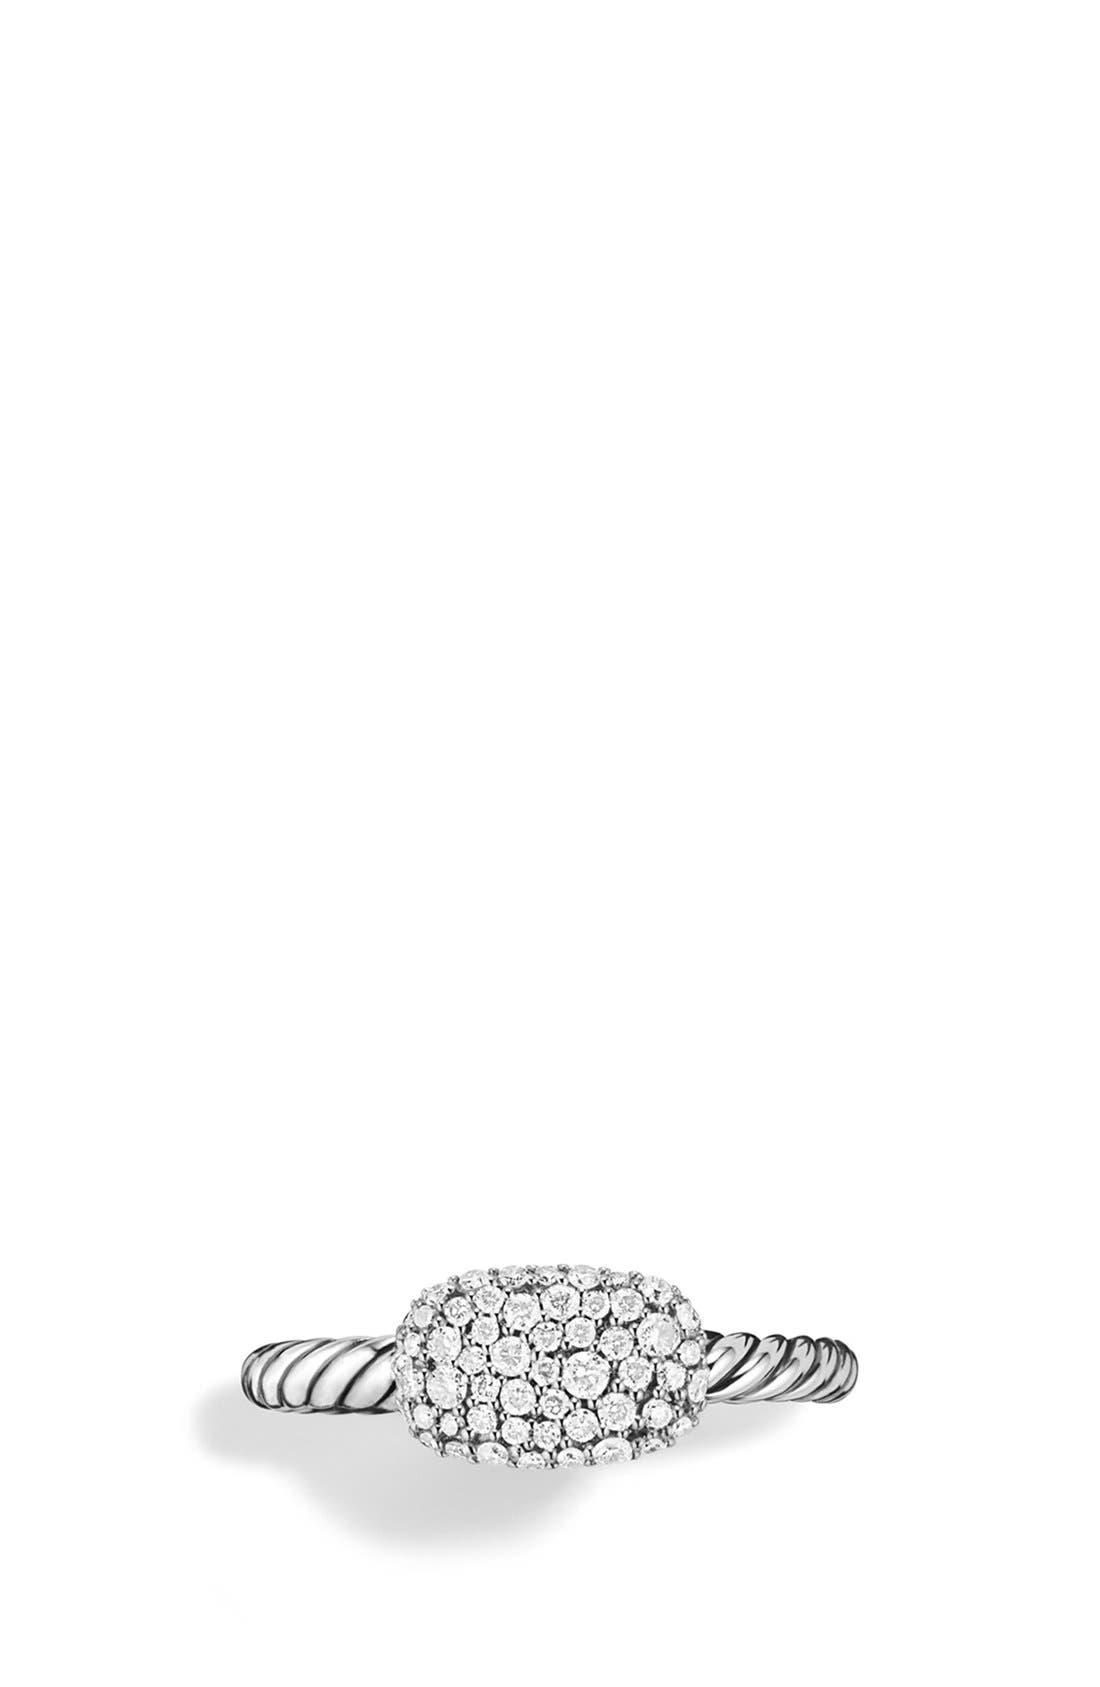 Alternate Image 3  - David Yurman 'Petite' Pavé Cushion Ring with Diamonds